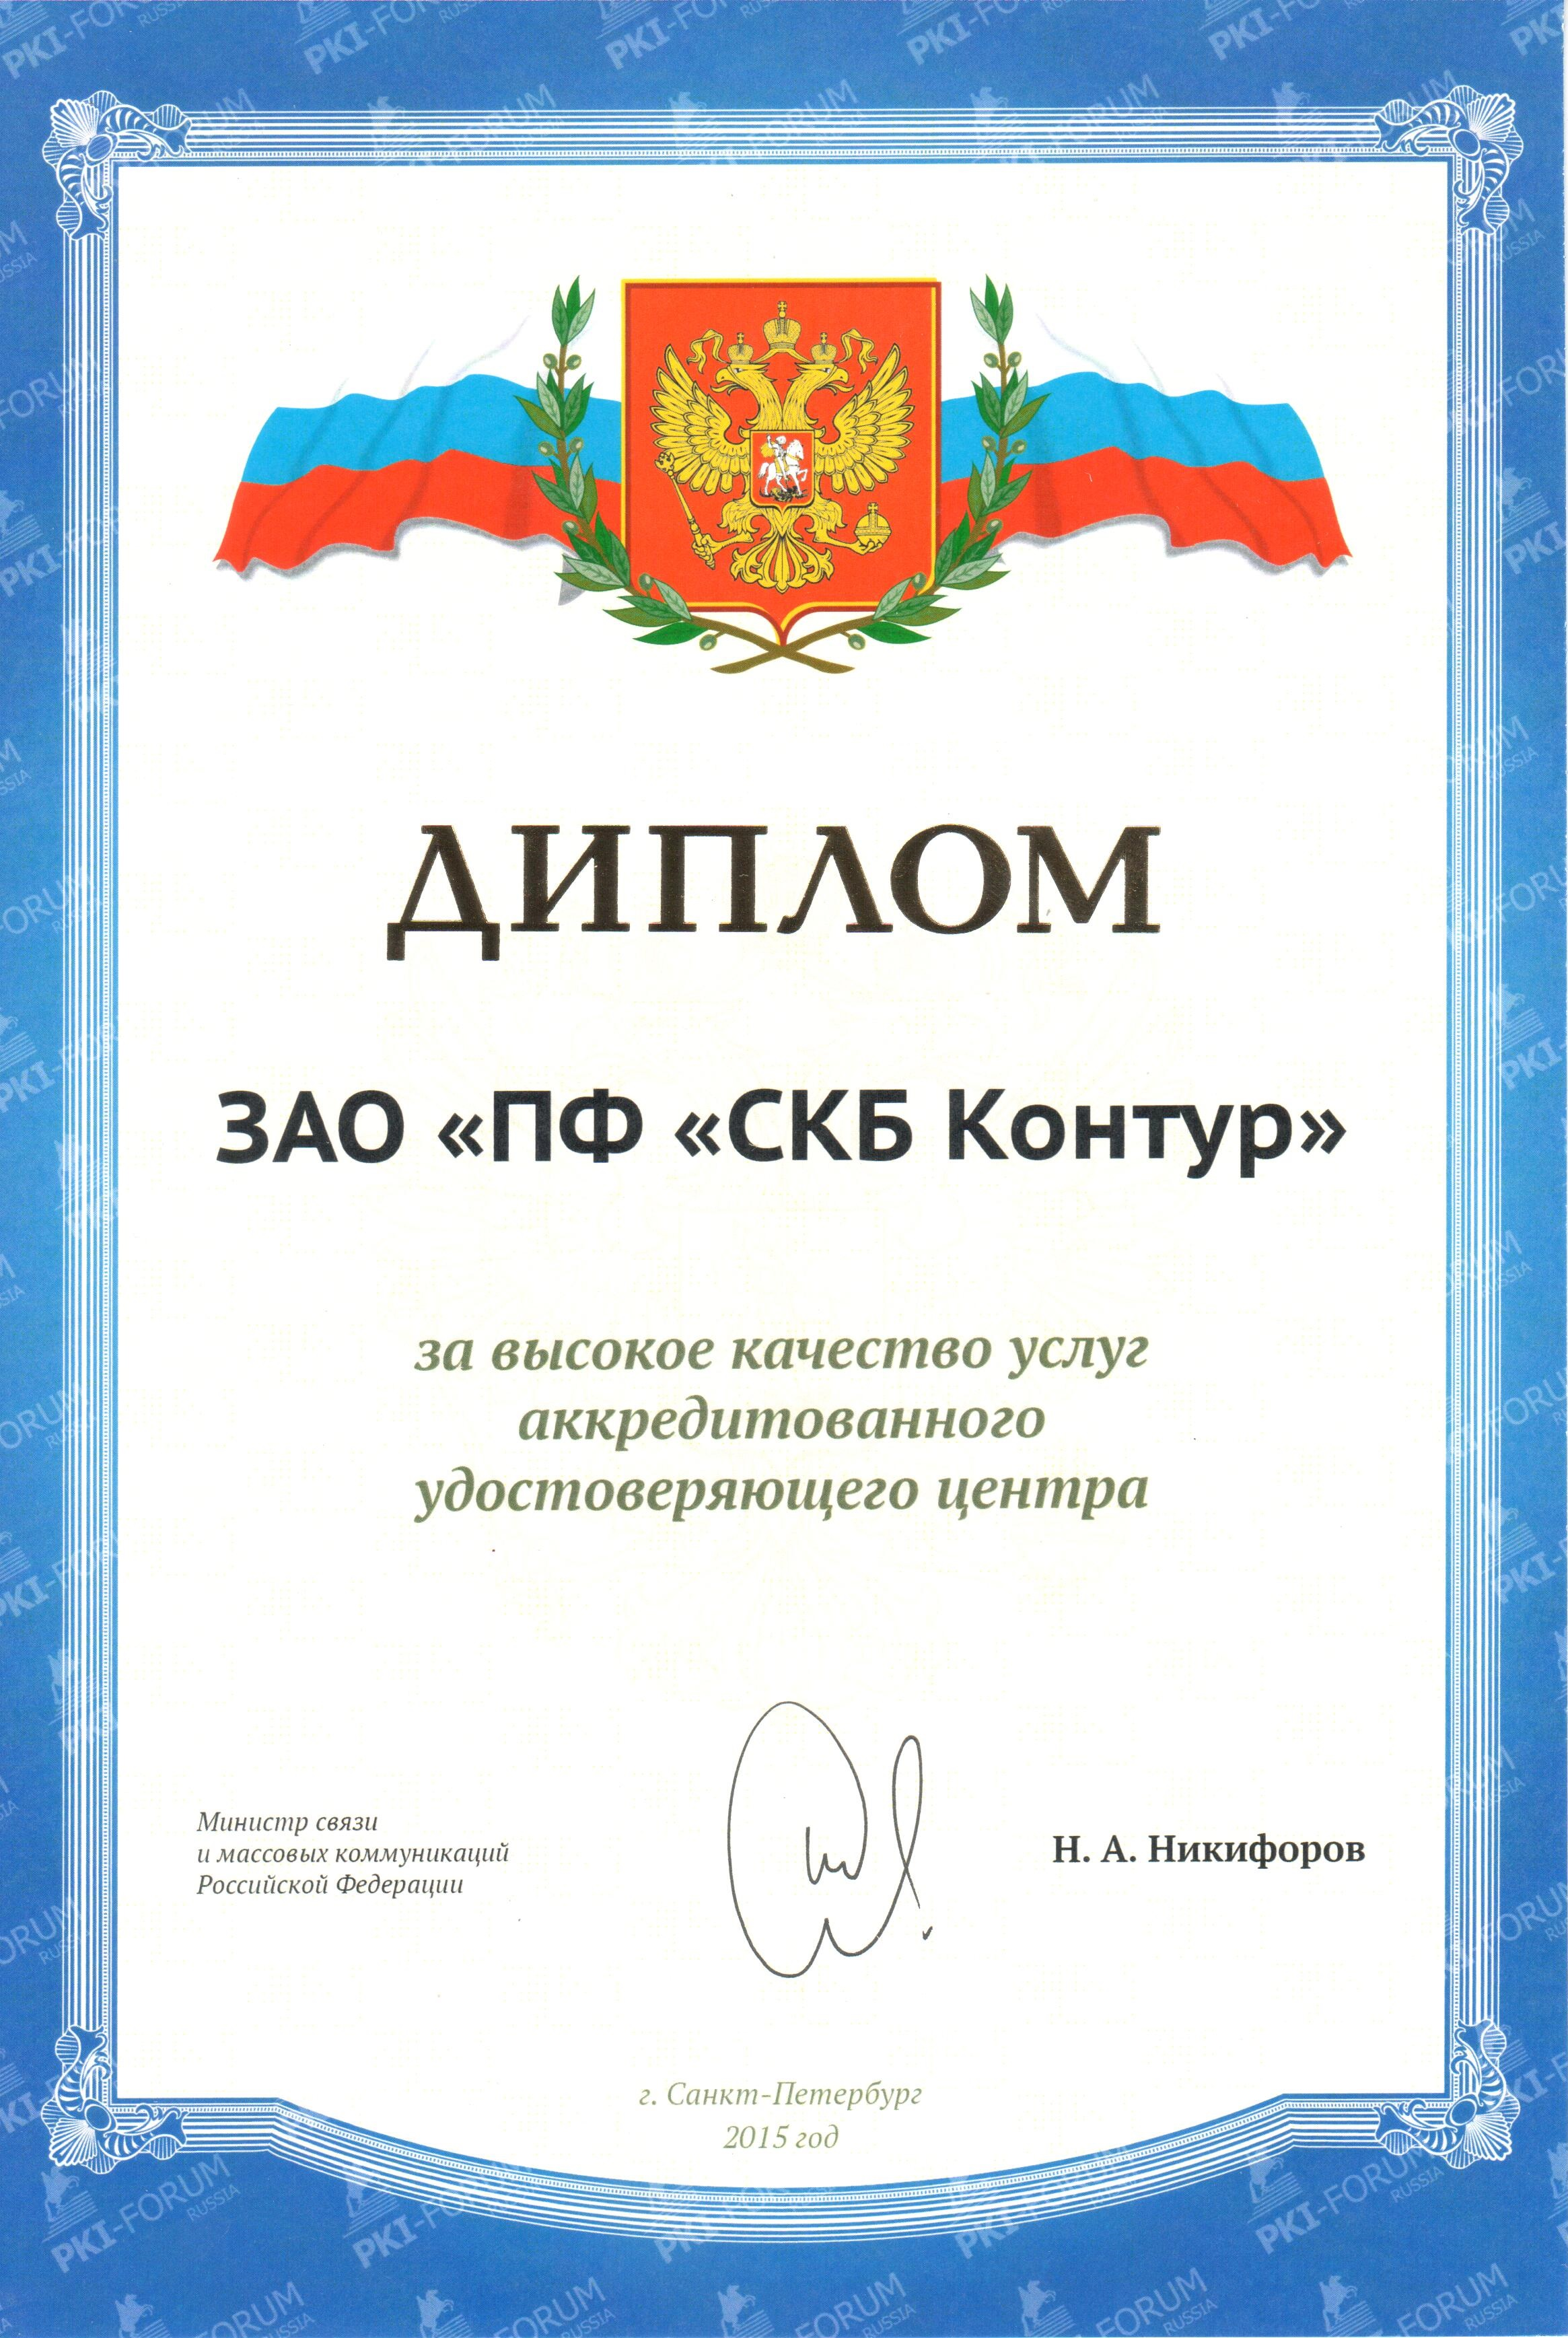 УЦ СКБ Контур признан лучшим в России за 2015 год